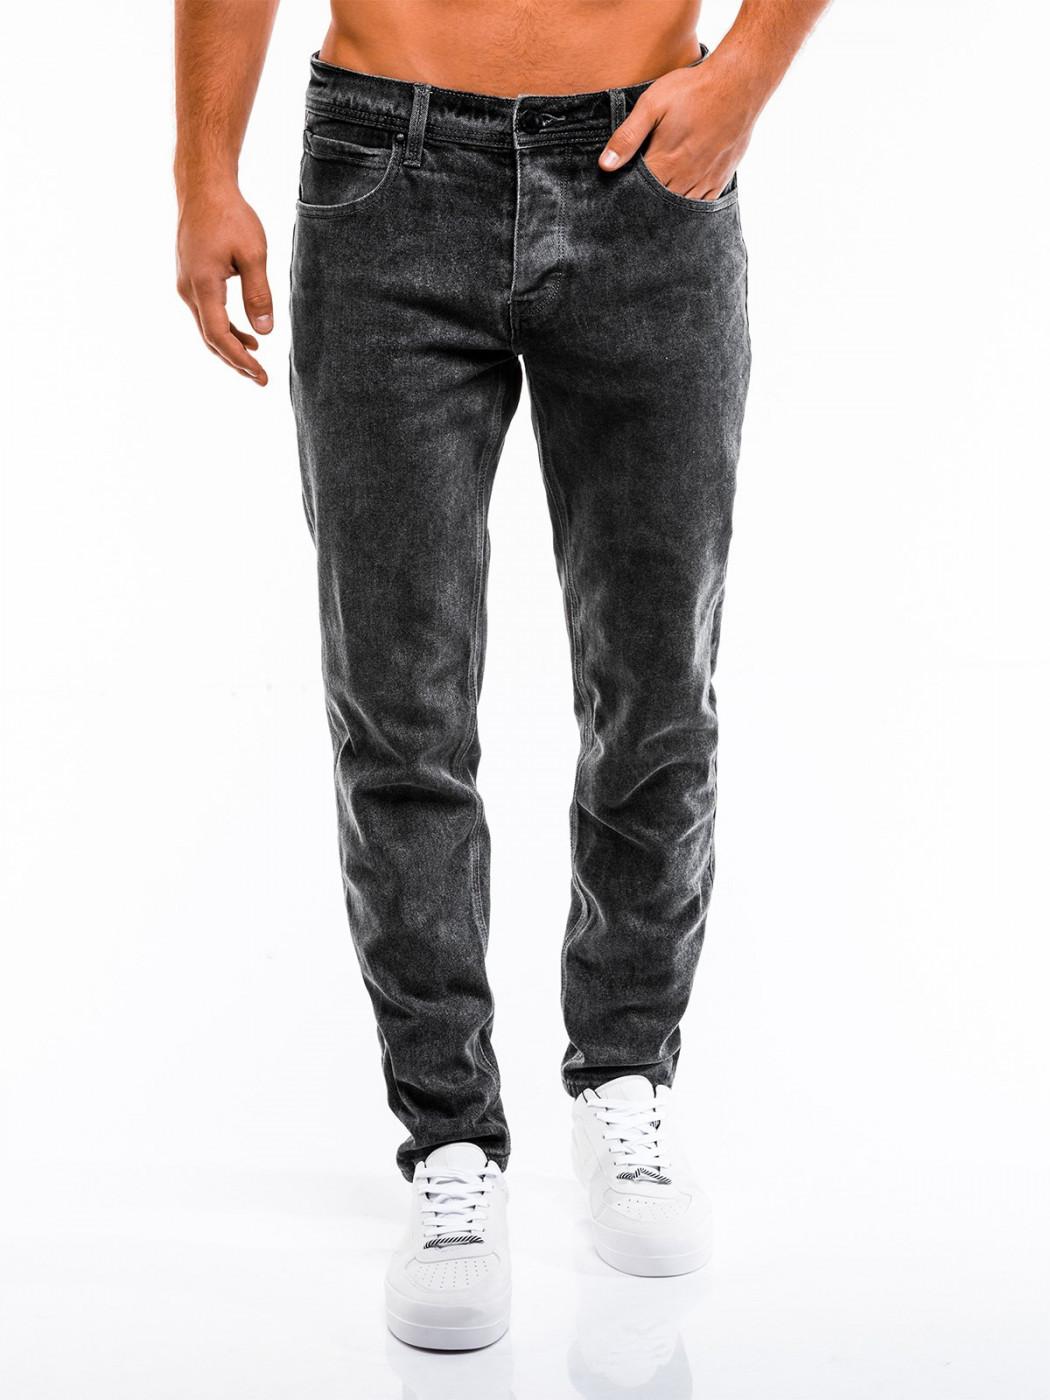 Men's jeans Ombre P863